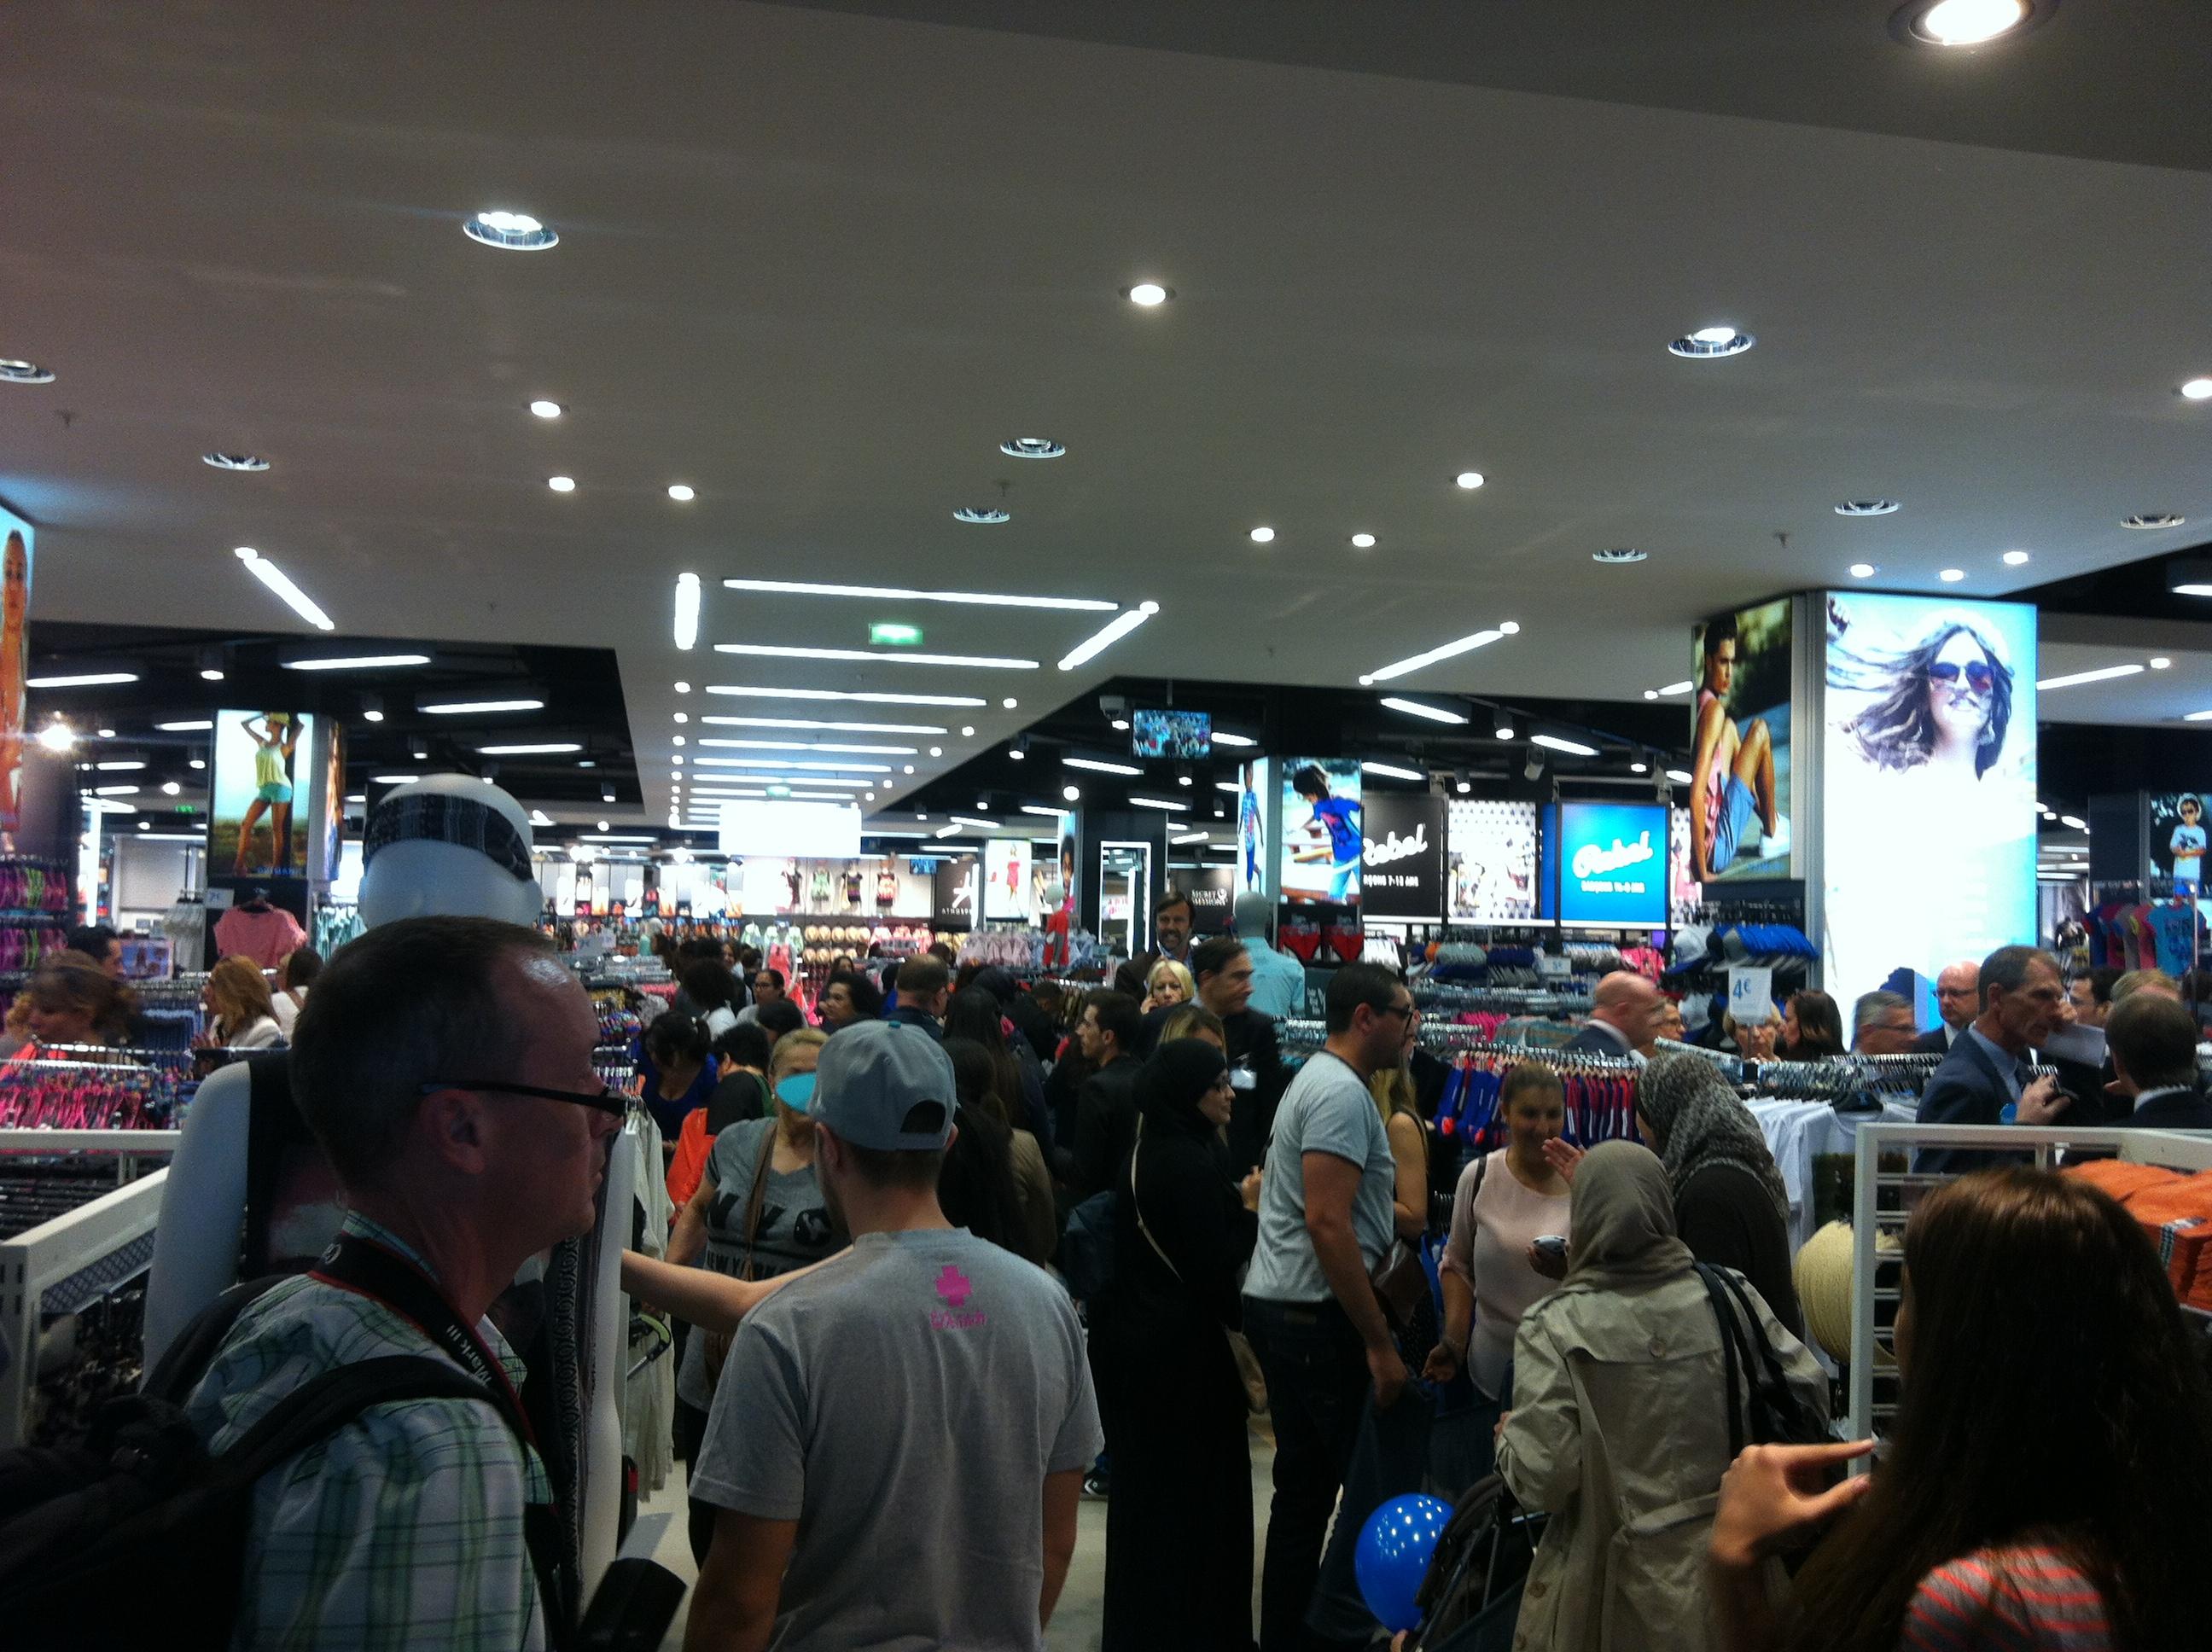 la foule envahi le magasin et commence leur shopping